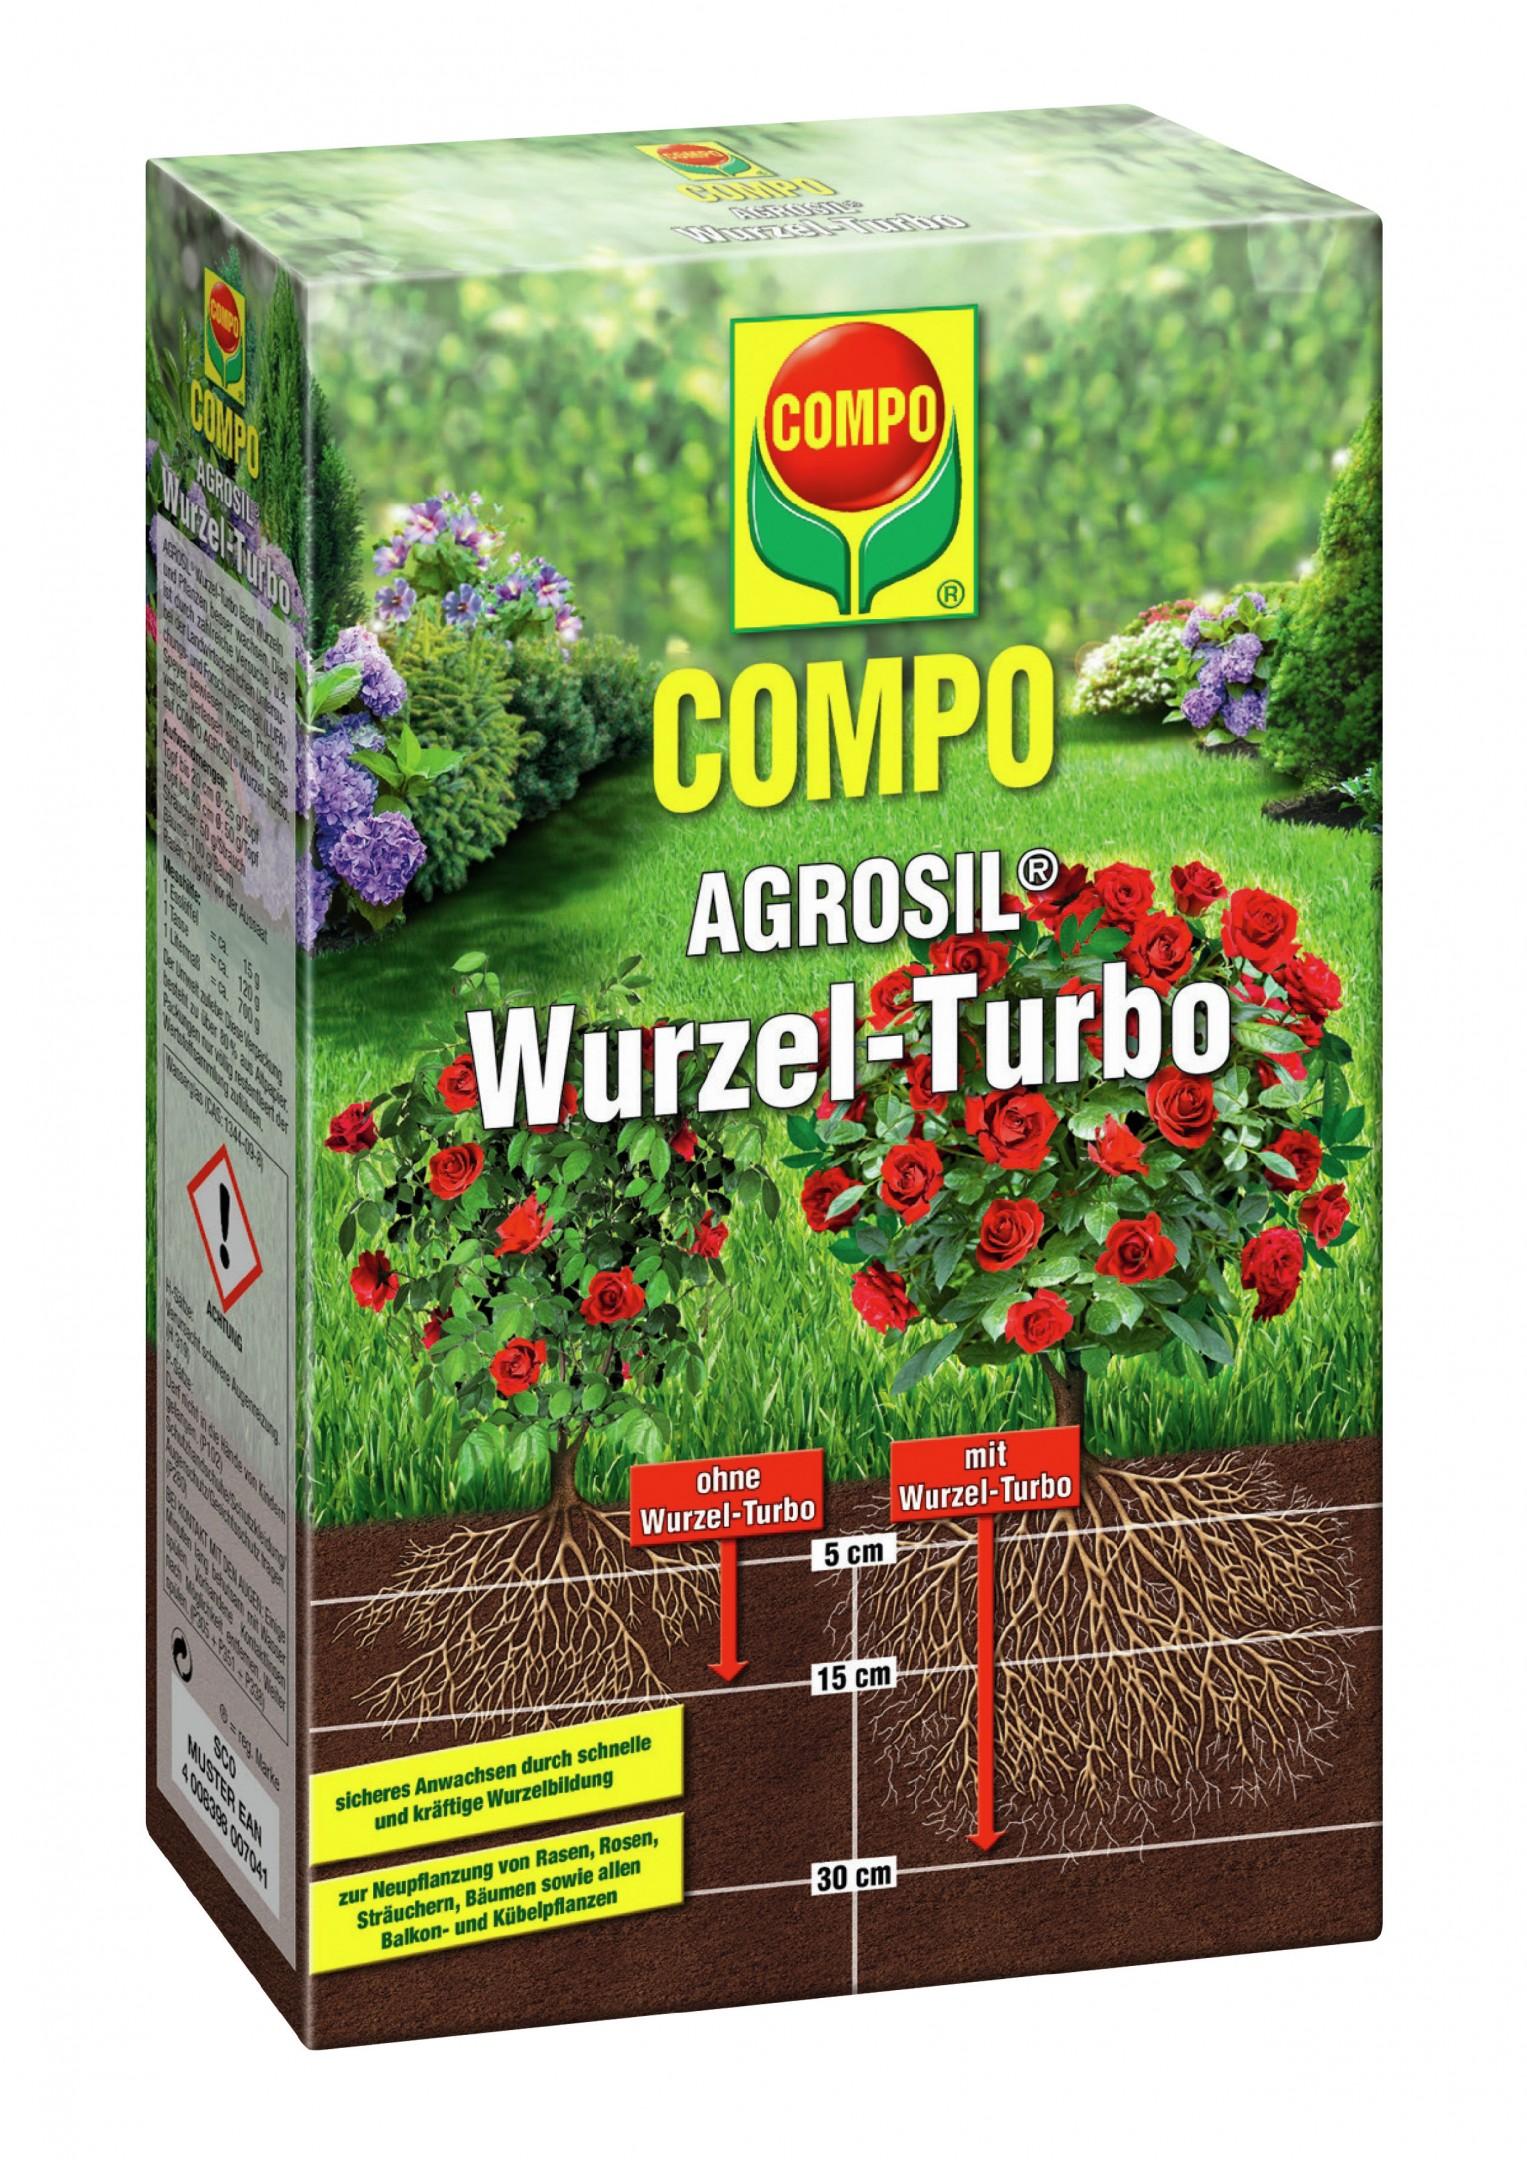 COMPO AGROSIL Wurzel-Turbo Bild 1